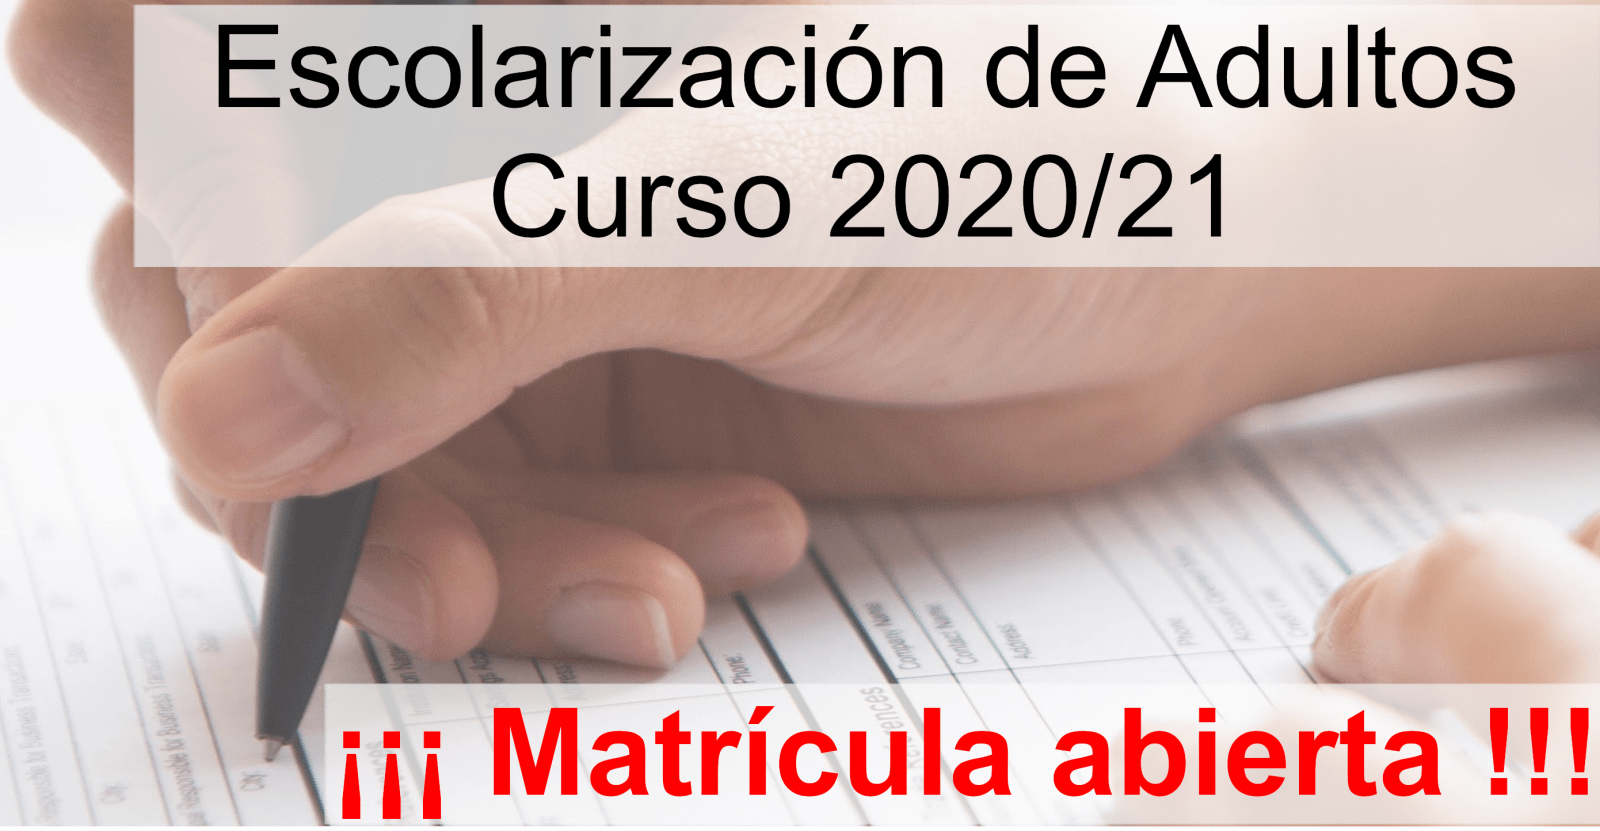 Escolarización de Adultos 2020/21